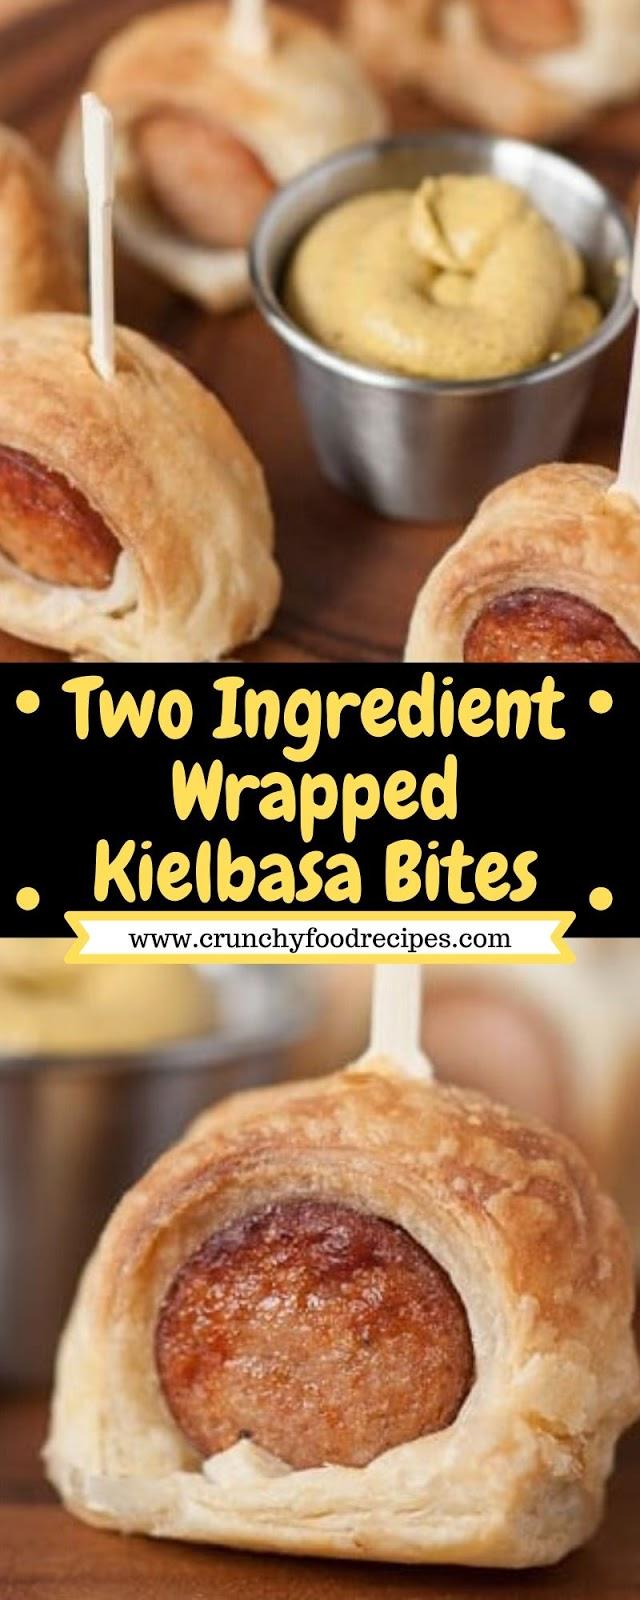 Two Ingredient Wrapped Kielbasa Bites